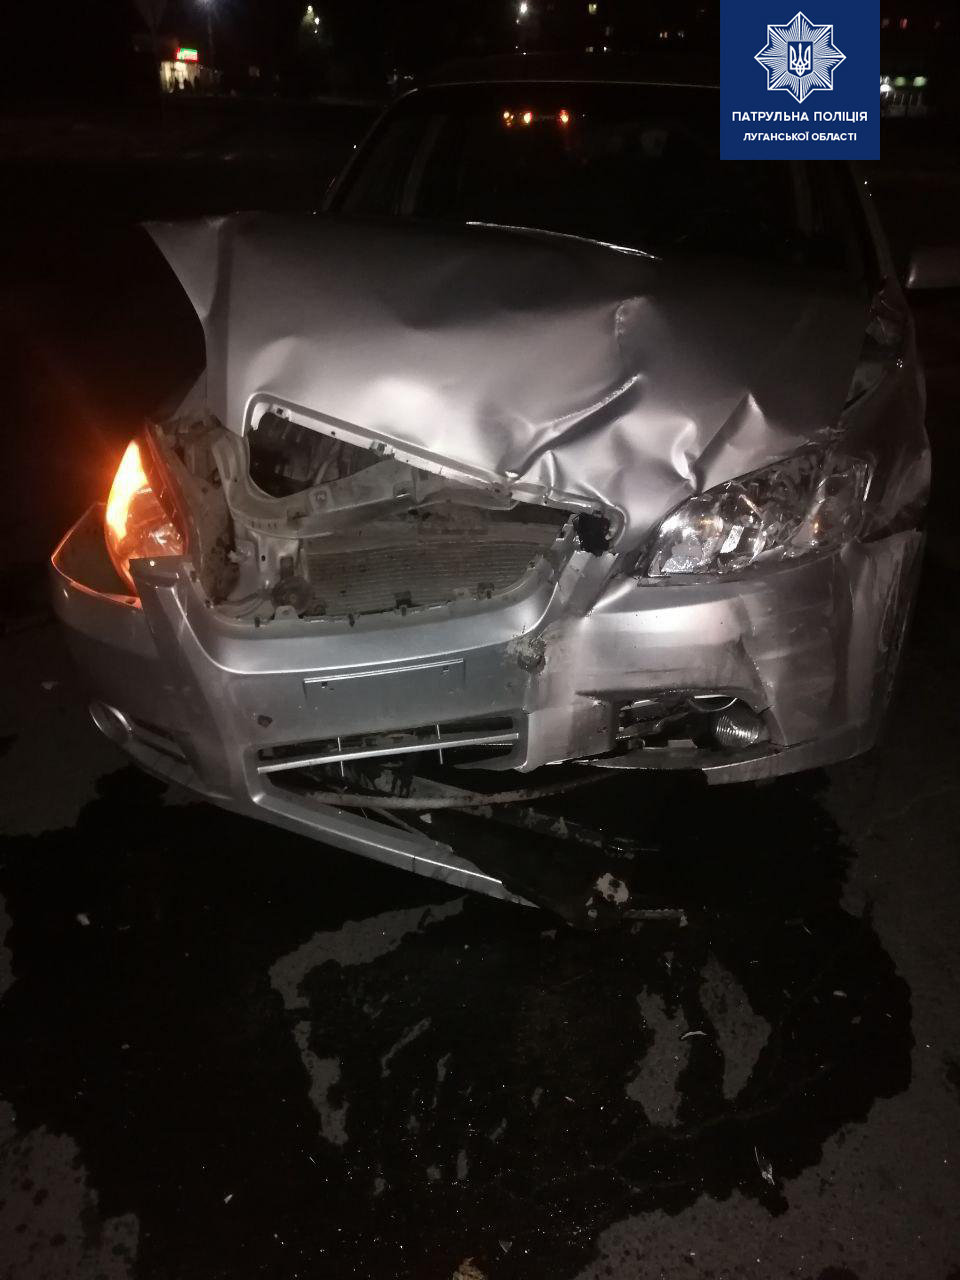 Перелом ребер получил водитель Chevrolet в результате ДТП в Северодонецке , фото-1